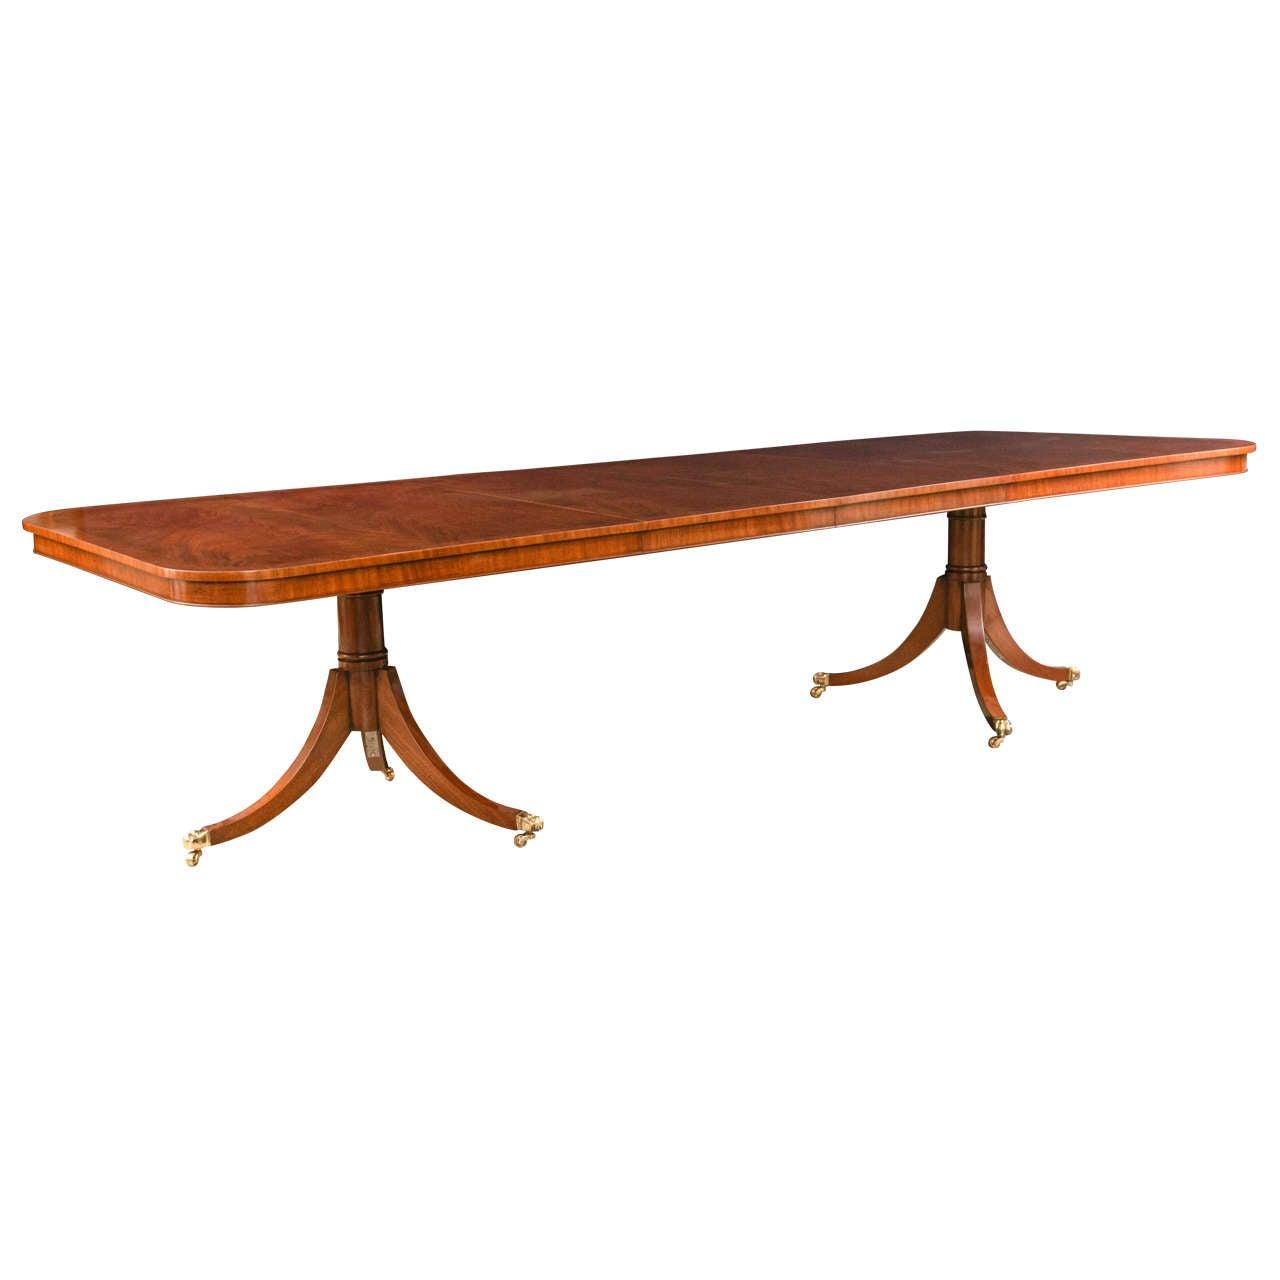 English custom mahogany double pedestal dining table for for Double pedestal dining table plans